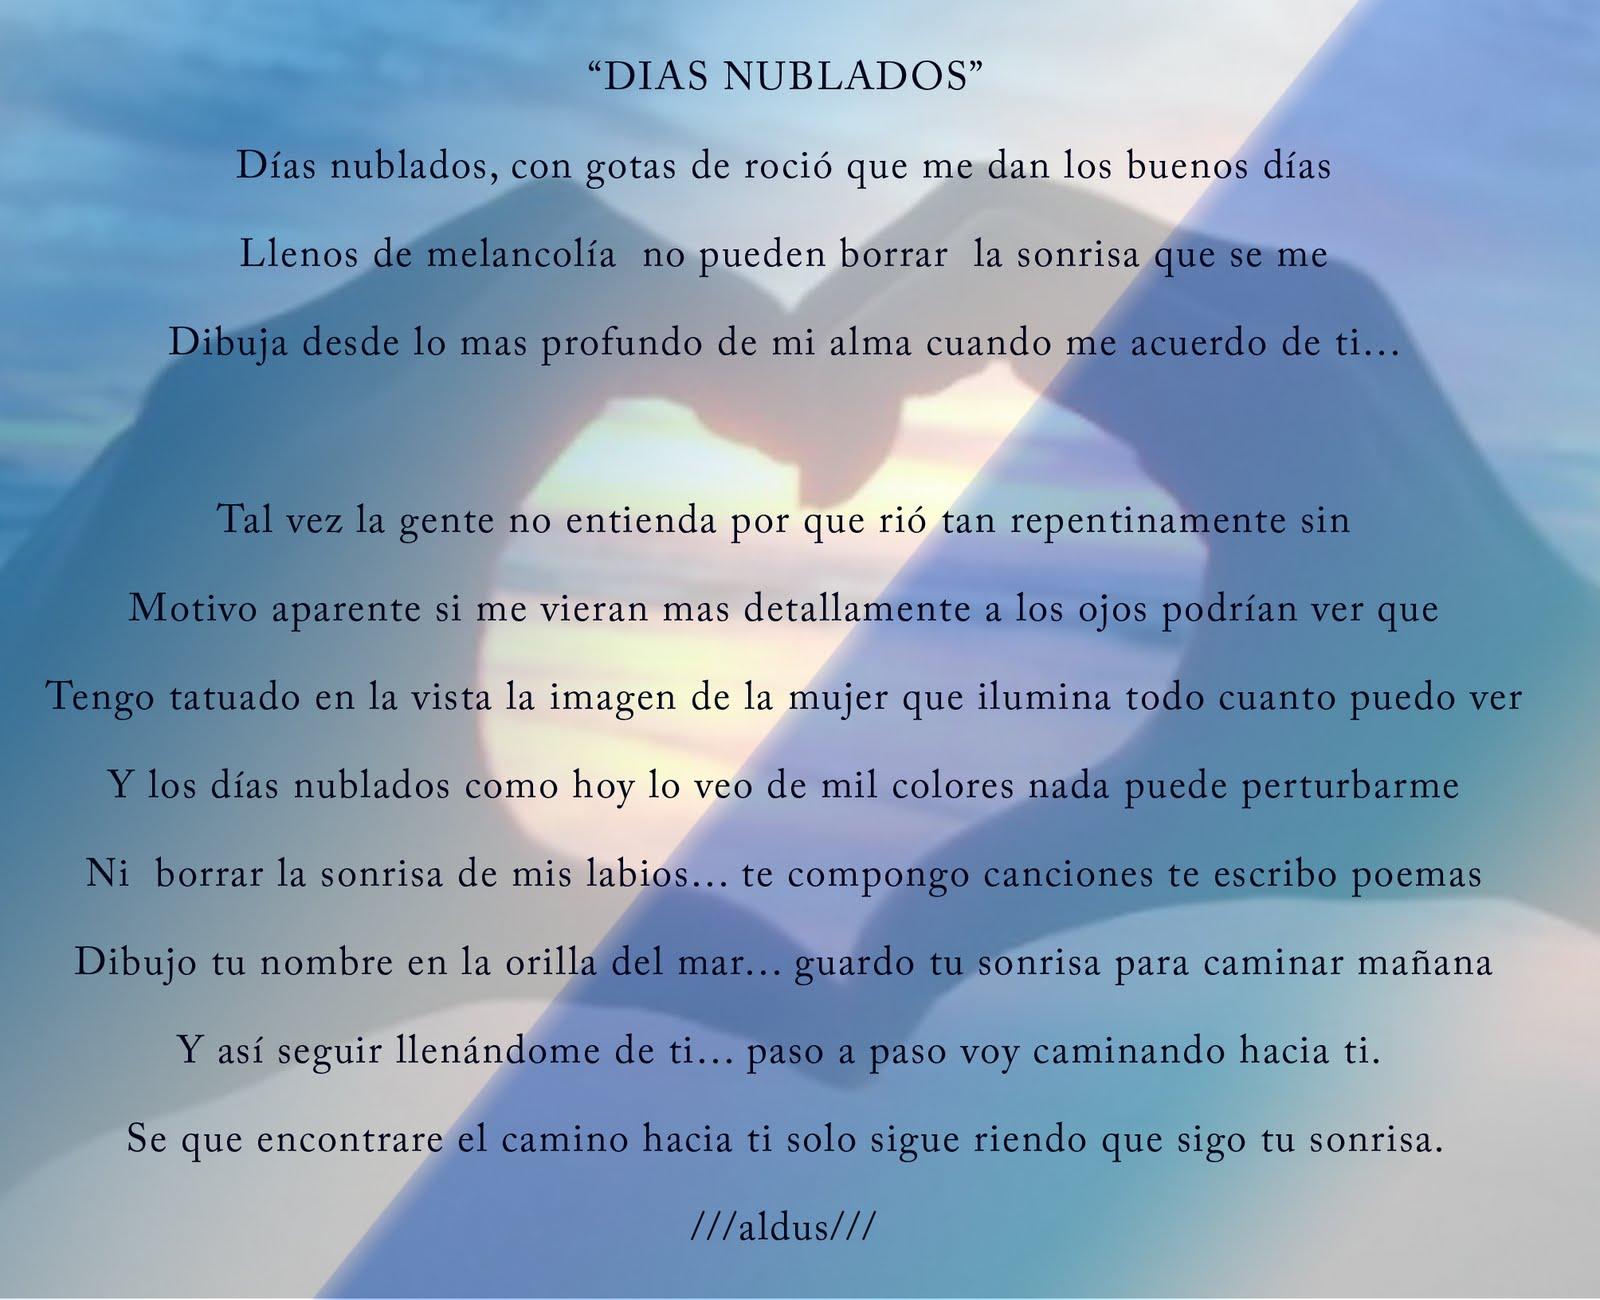 BAJAR BONITOS MENSAJES DE AMOR|ORIGINALES MENSAJES DE AMOR